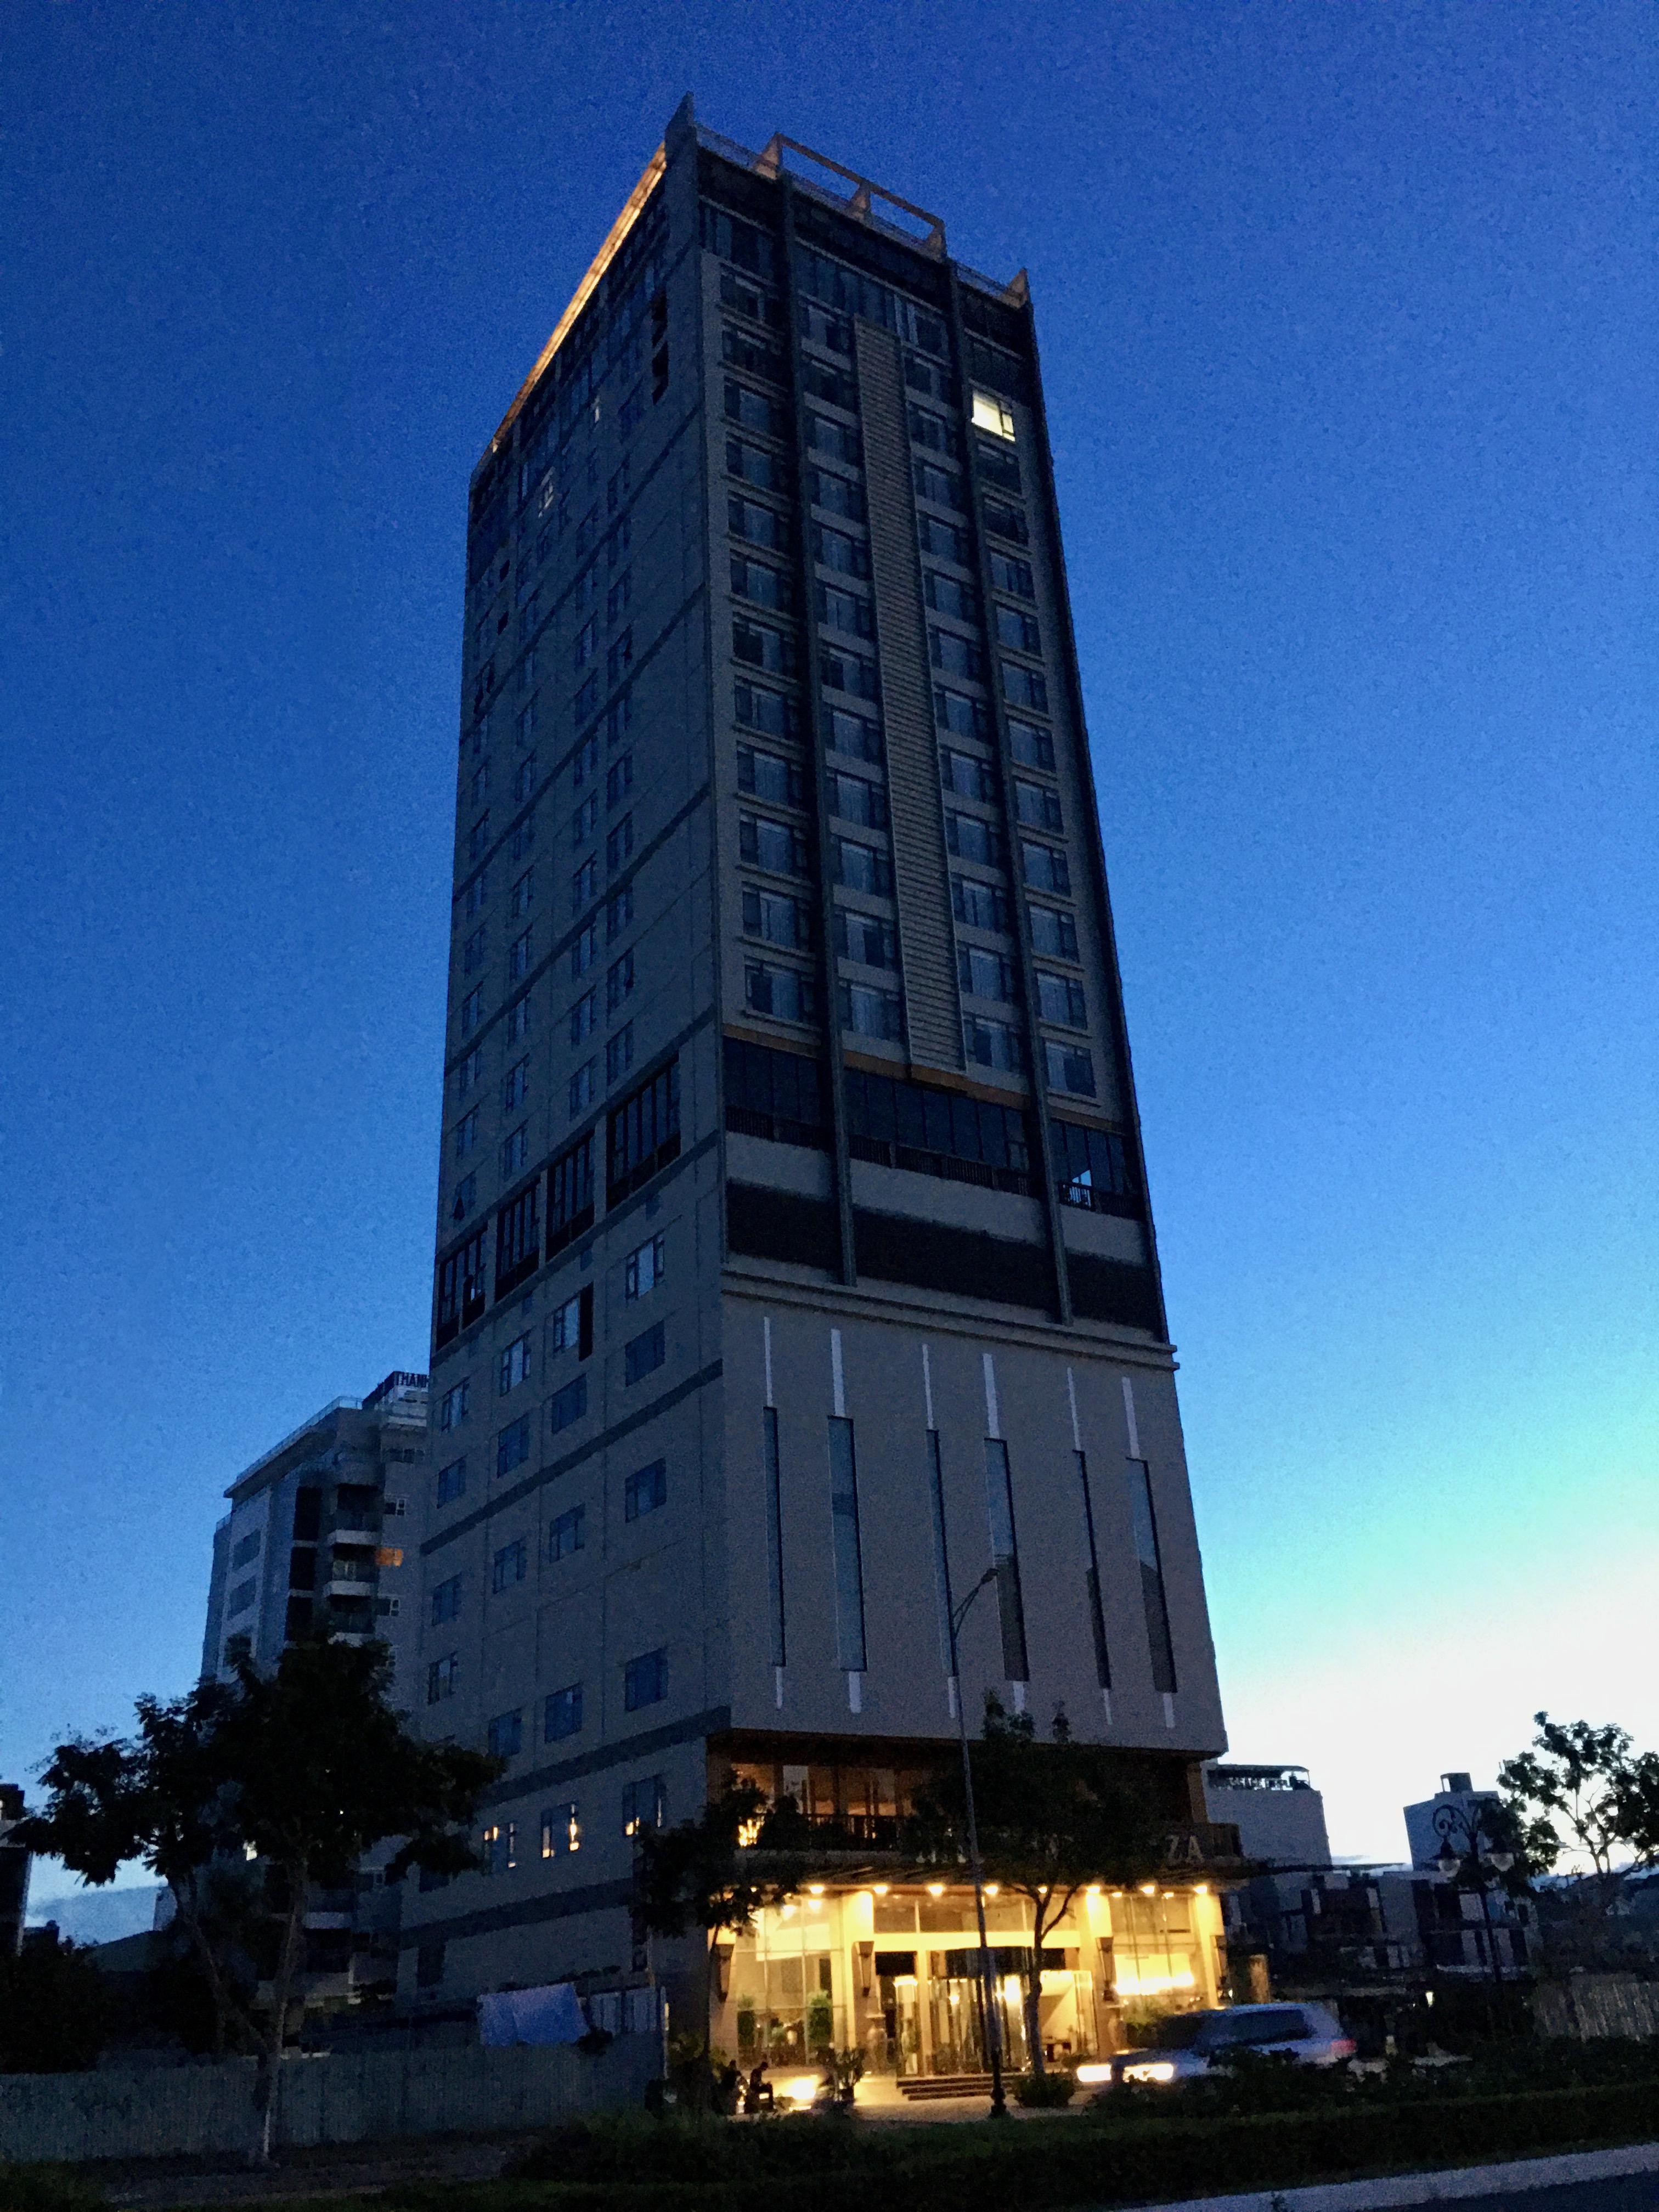 Phố khách sạn Đà Nẵng 'tối đèn', rao bán hàng trăm tỉ đồng - Ảnh 8.